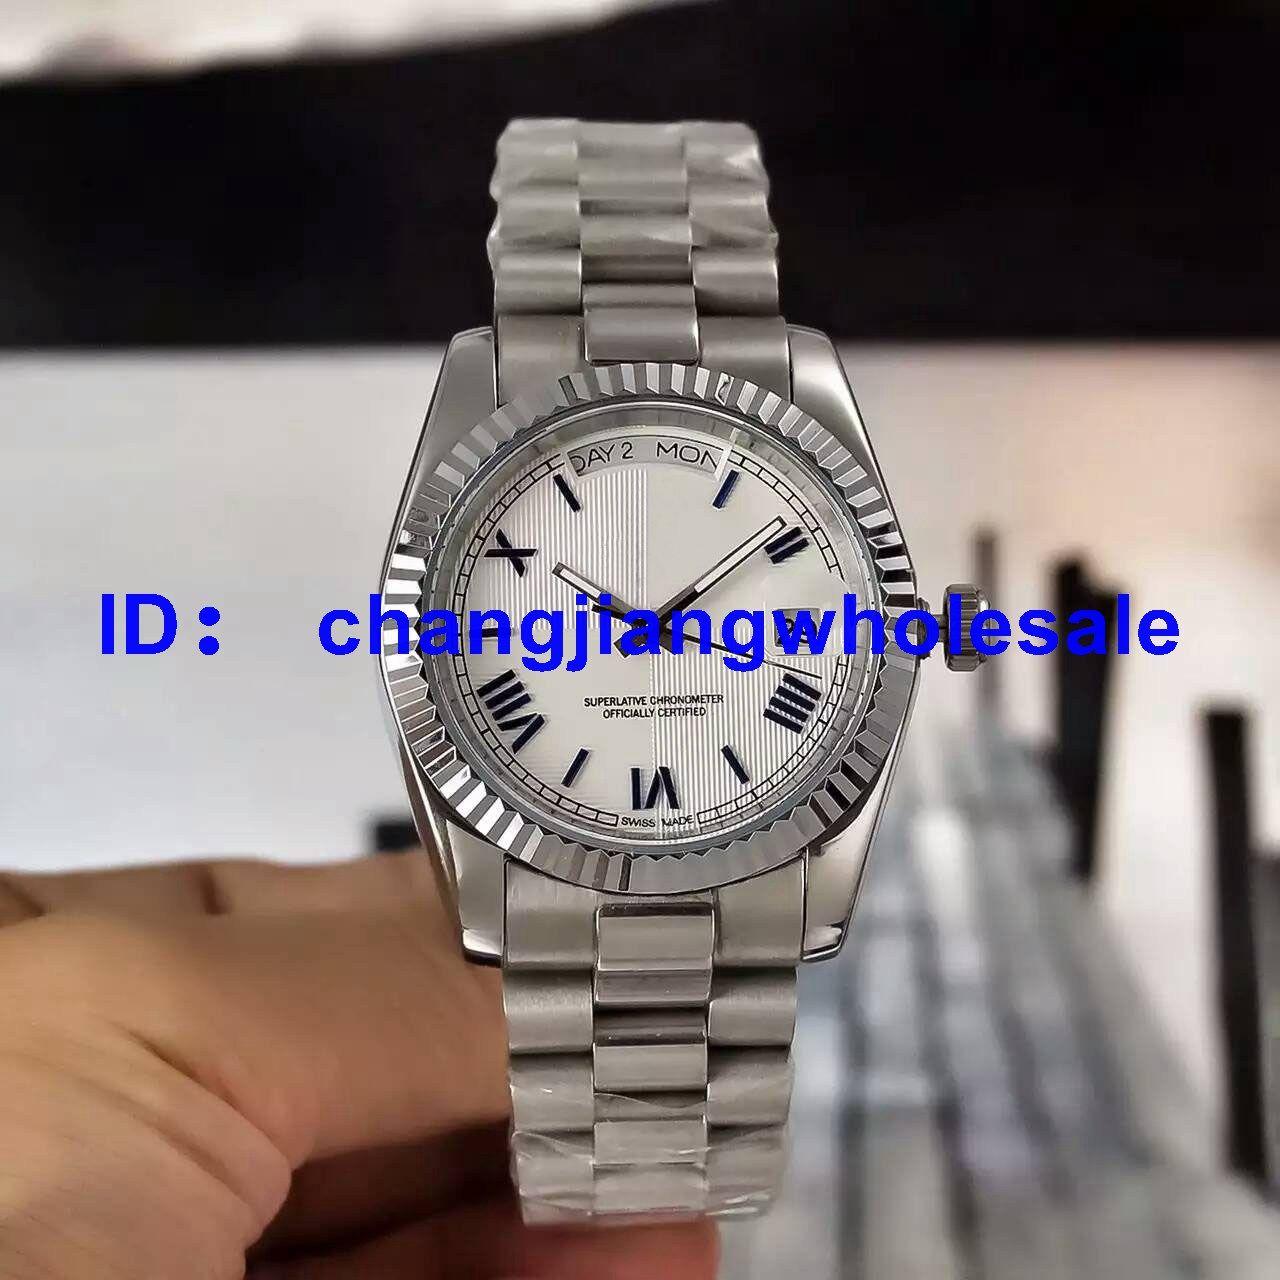 Luxusmarke Automatische Saphir Spiegel Kalender Maschinen Leben Wasserdicht Aaa Uhr Herrenuhr Angebot Neues R5j34AqL